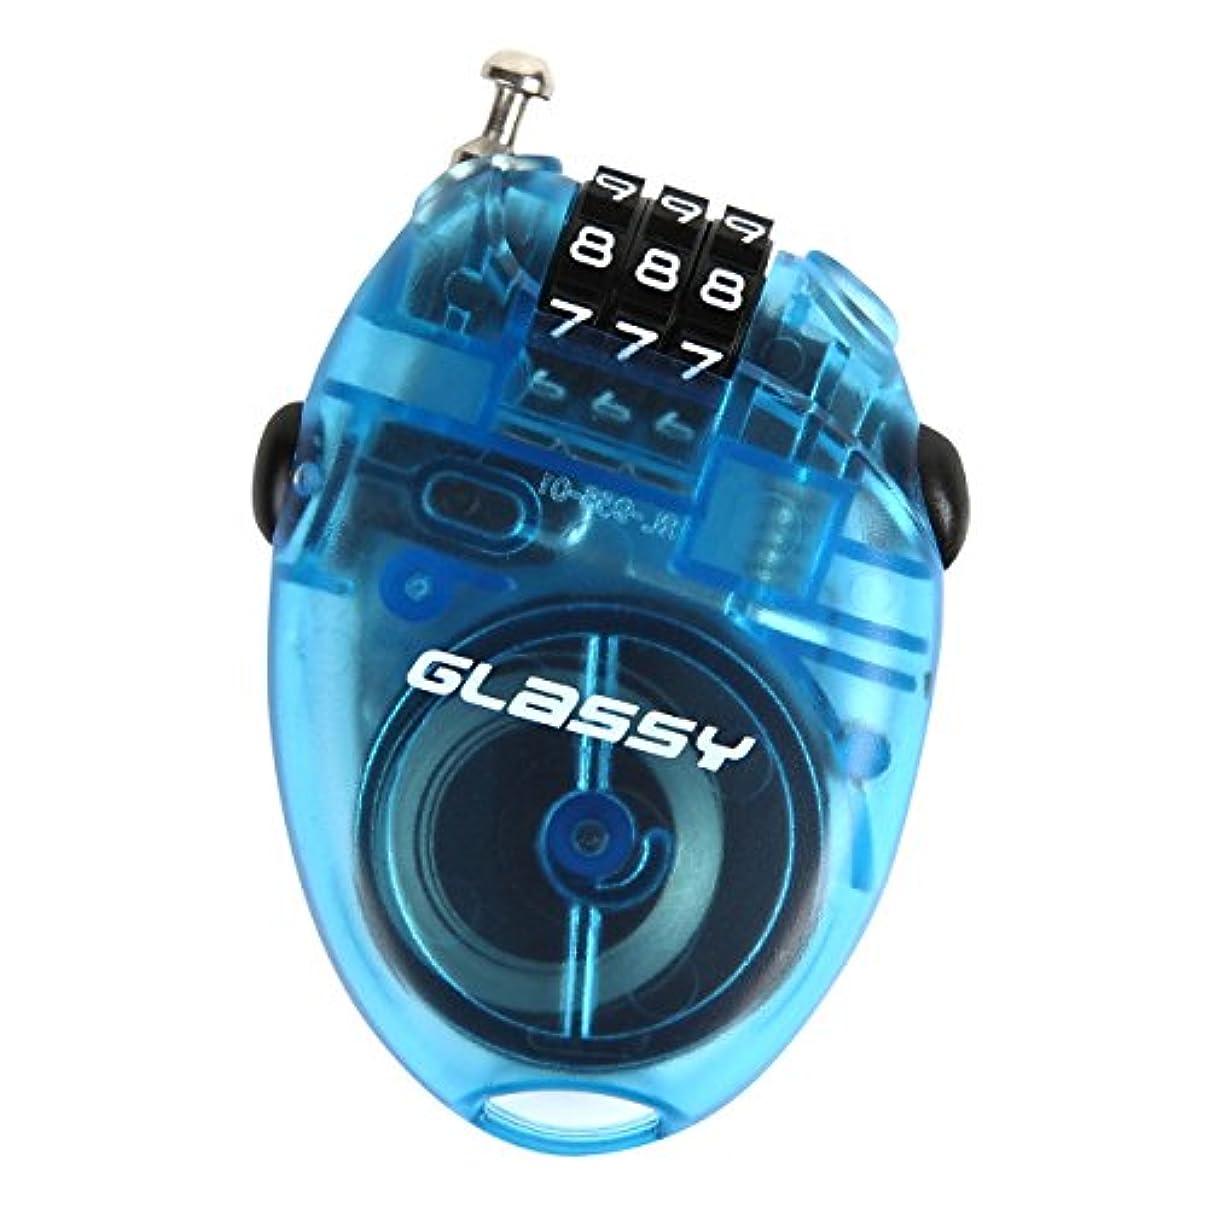 すでにプランター保守的GLASSY グラッシー スノーボード ケーブルロック ワイヤーロック 盗難防止